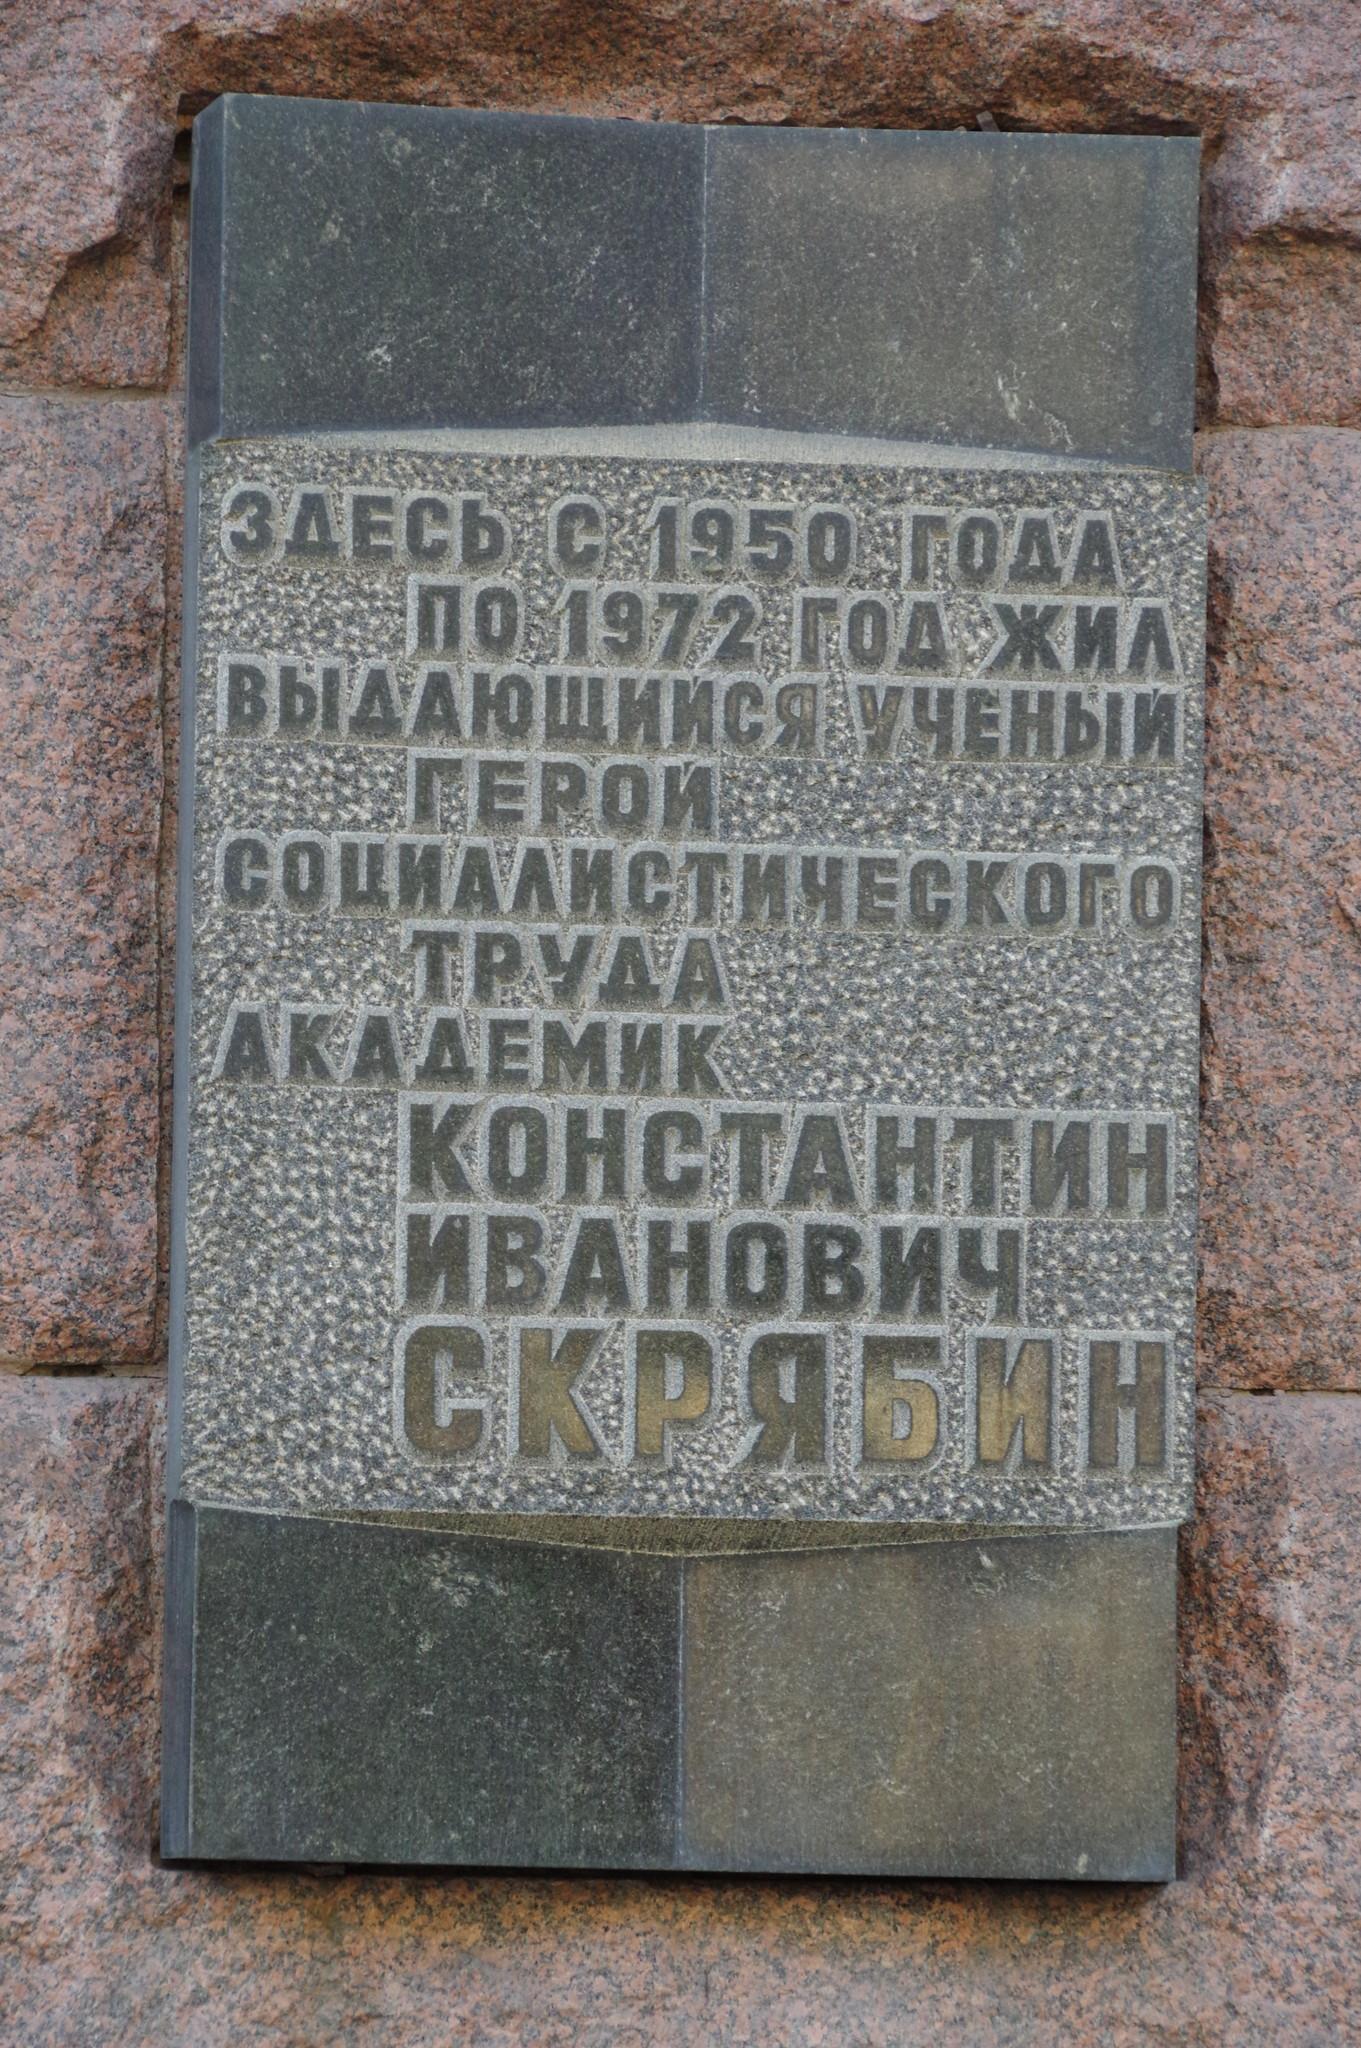 Мемориальная доска в Москве на доме (Тверская улица, дом 9), где с 1950 по 1972 год жил Герой Социалистического Труда Константин Иванович Скрябин